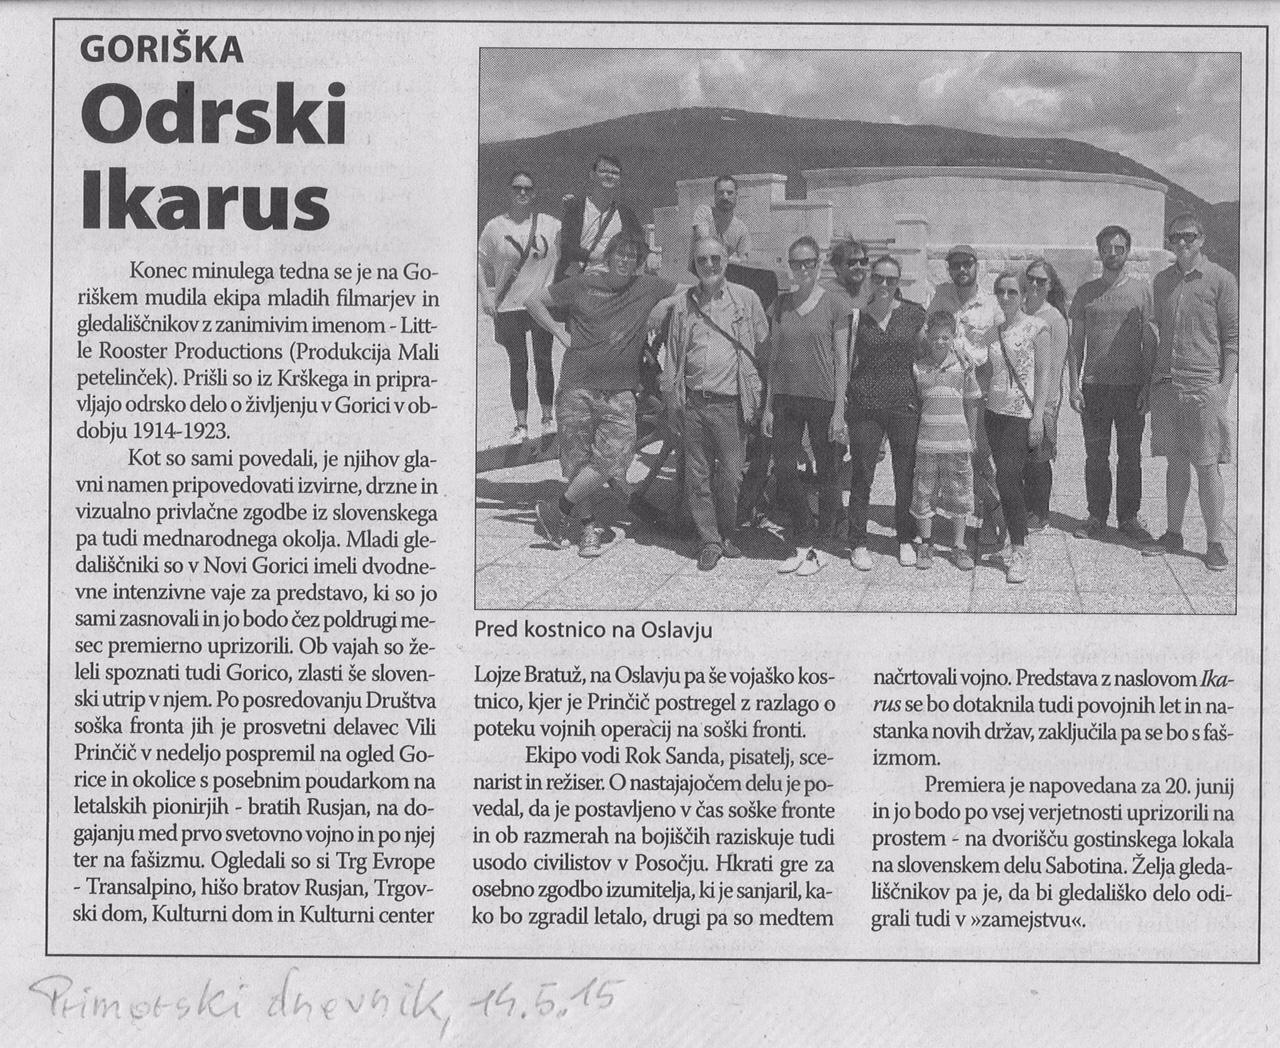 2015-05-15 - Primorski dnevnik.jpg